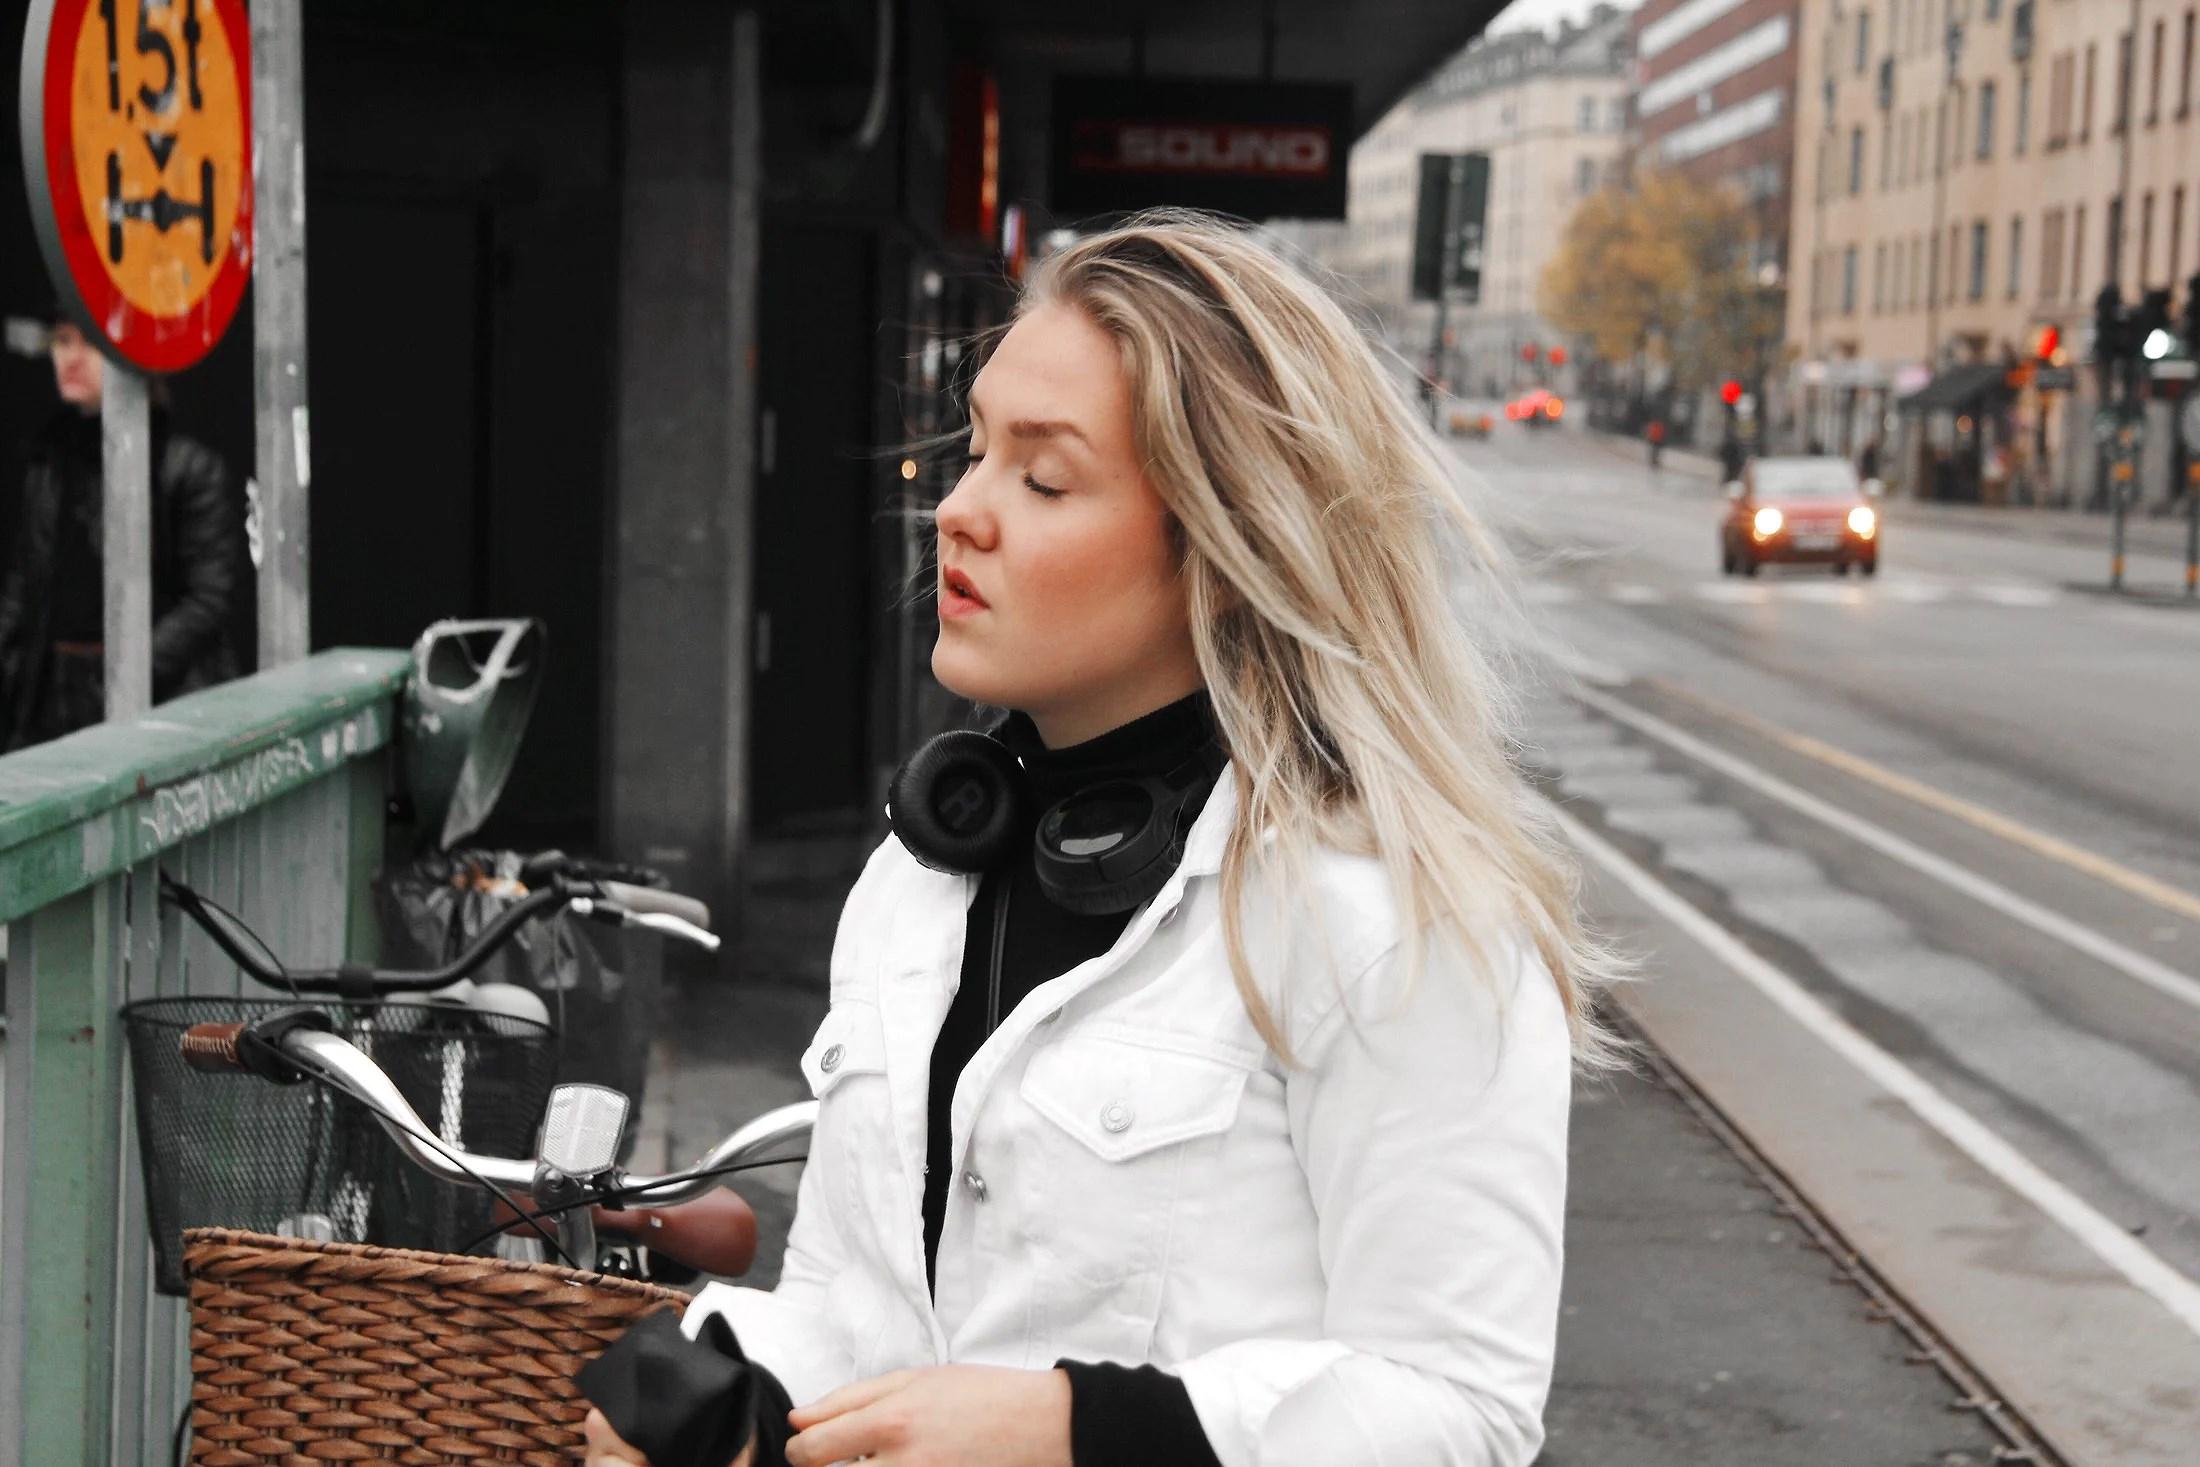 SLUTA HETSA HÄLSOHETSEN!!!!